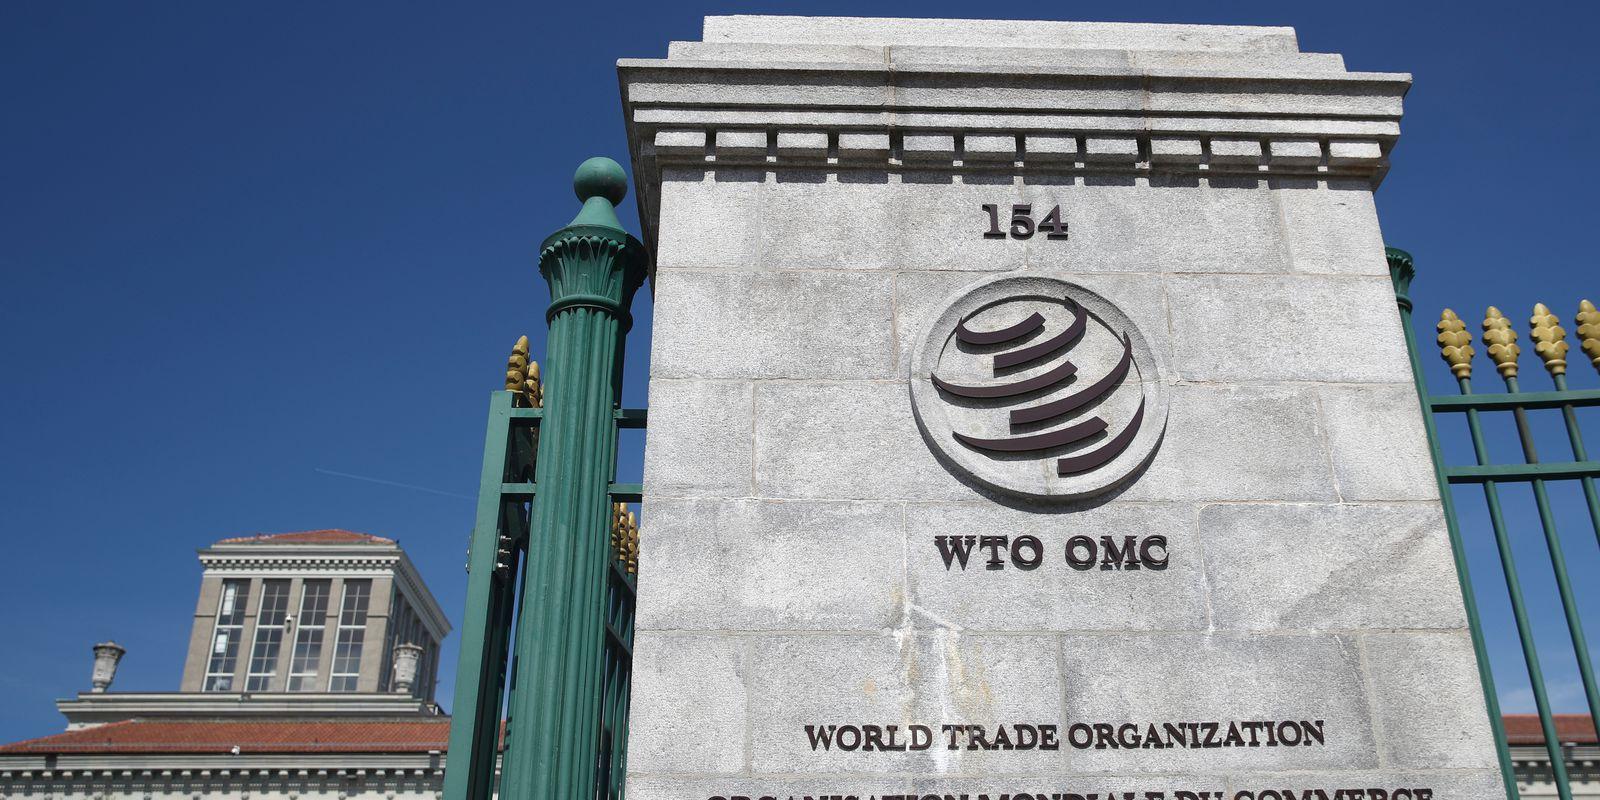 Sede da OMC em Genebra